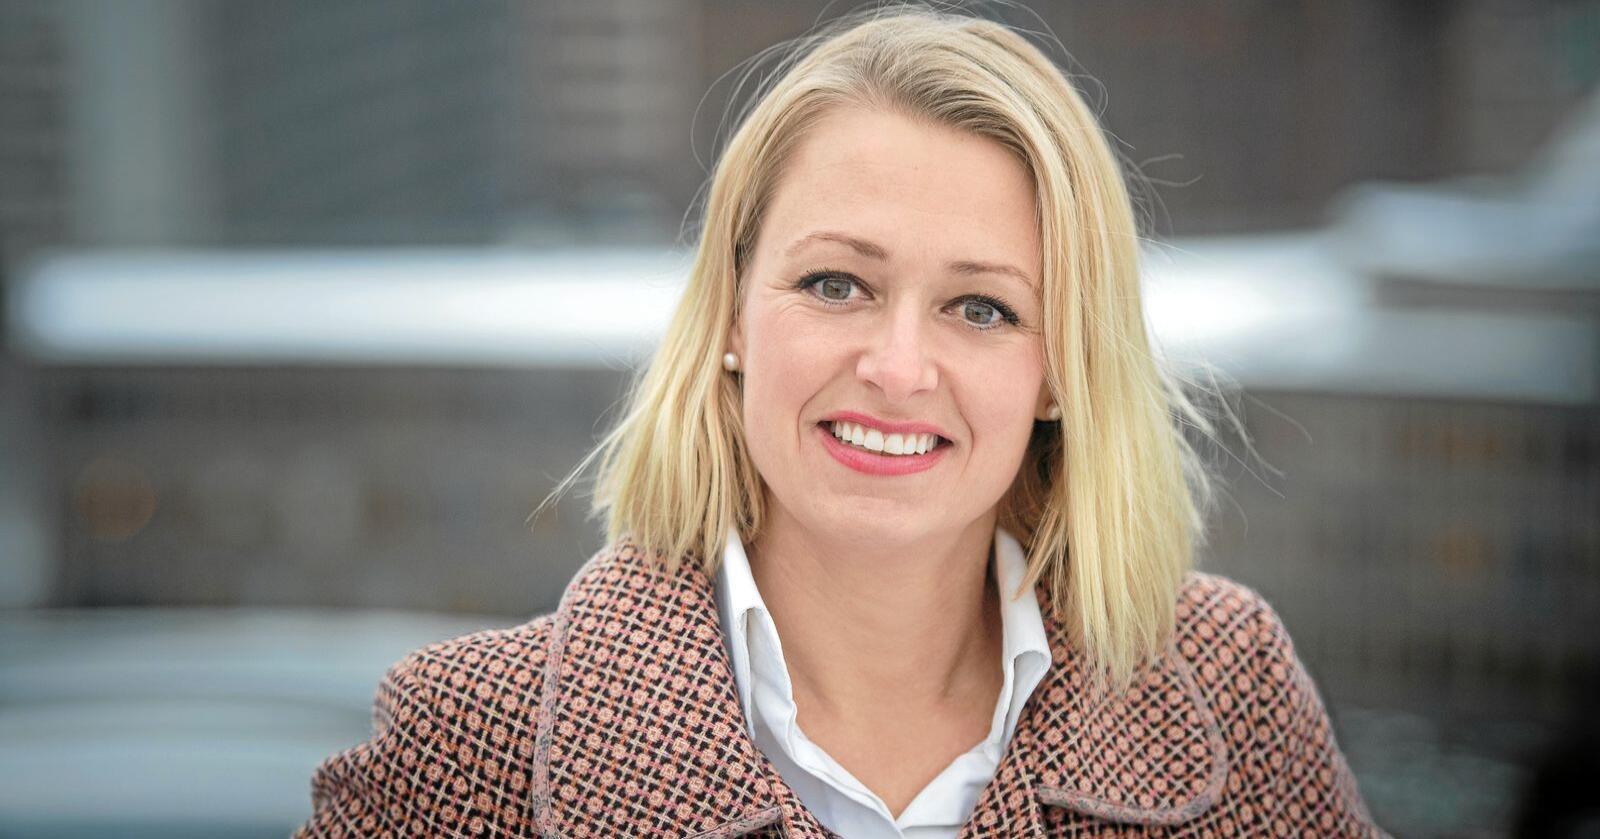 Margrete Dysjaland i Rogaland Frp kaller rapporten alvolrig. Foto: Landbruks- og matdepartementet.